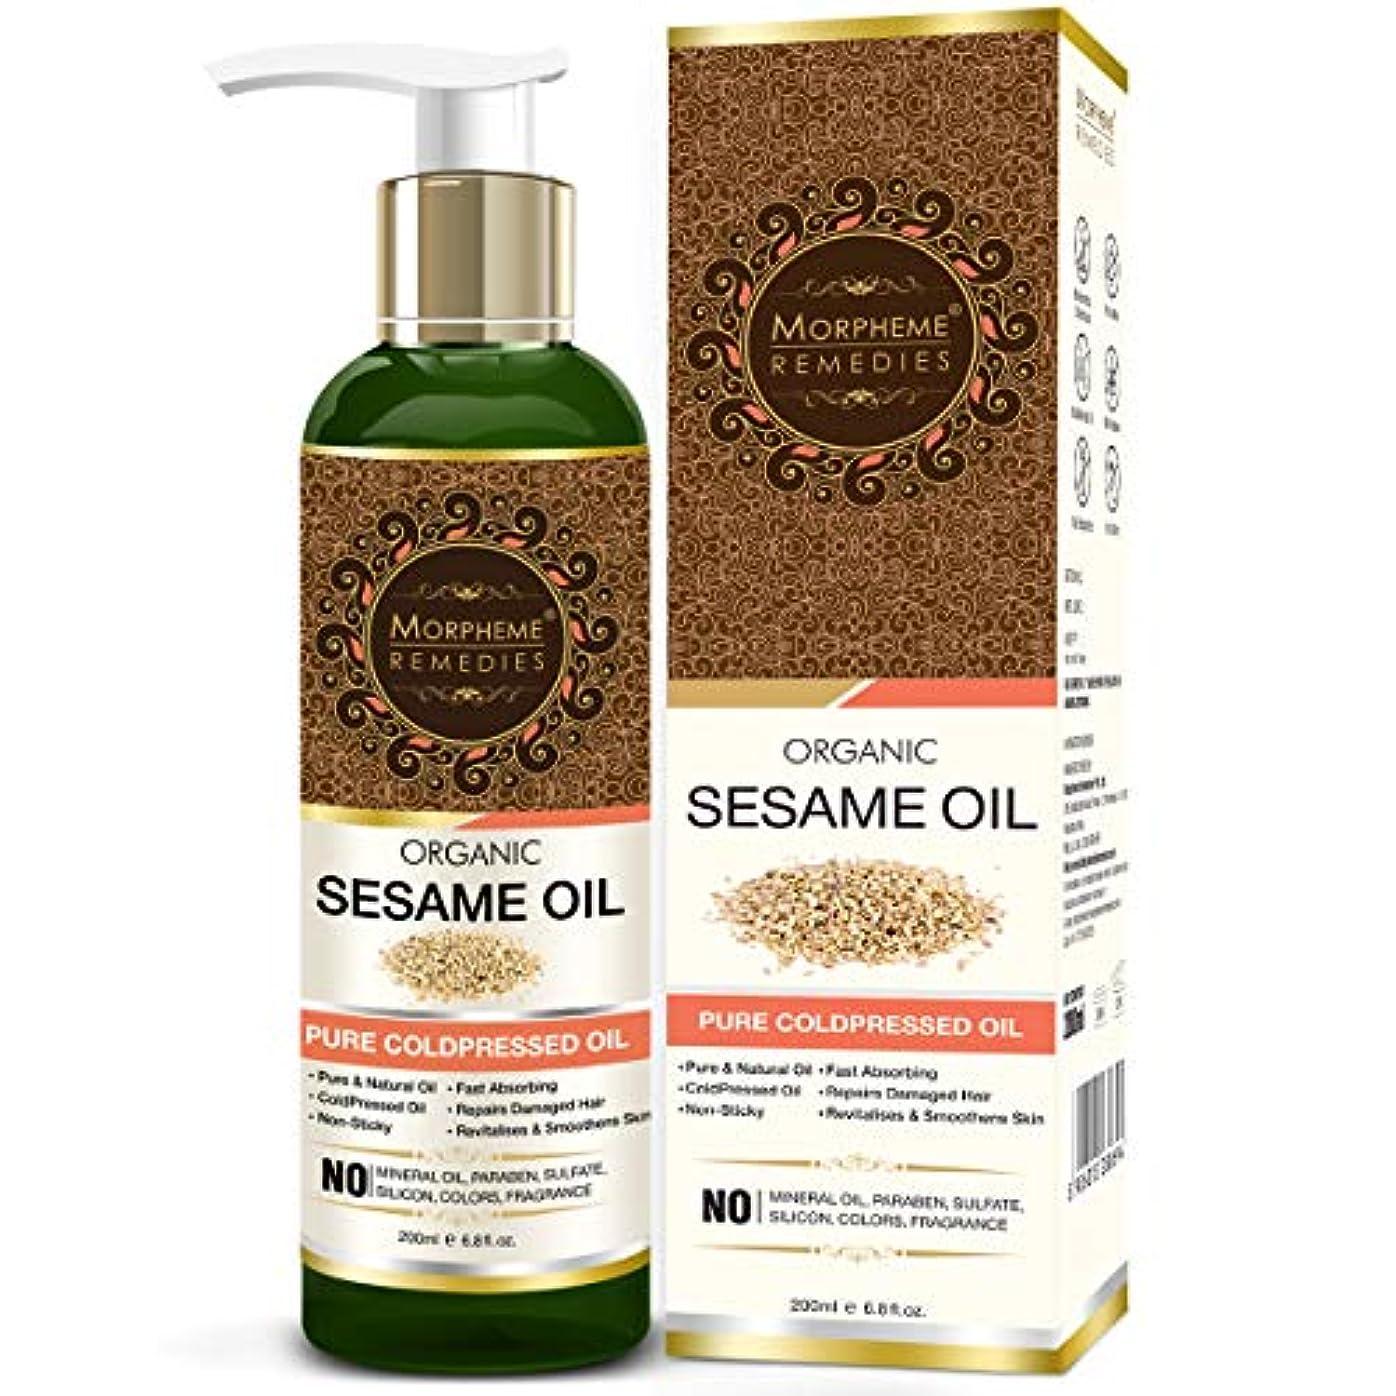 起こるモード隔離Morpheme Remedies Organic Sesame Oil (Pure ColdPressed Oil) For Hair, Body, Skin Care, Massage, 200 ml